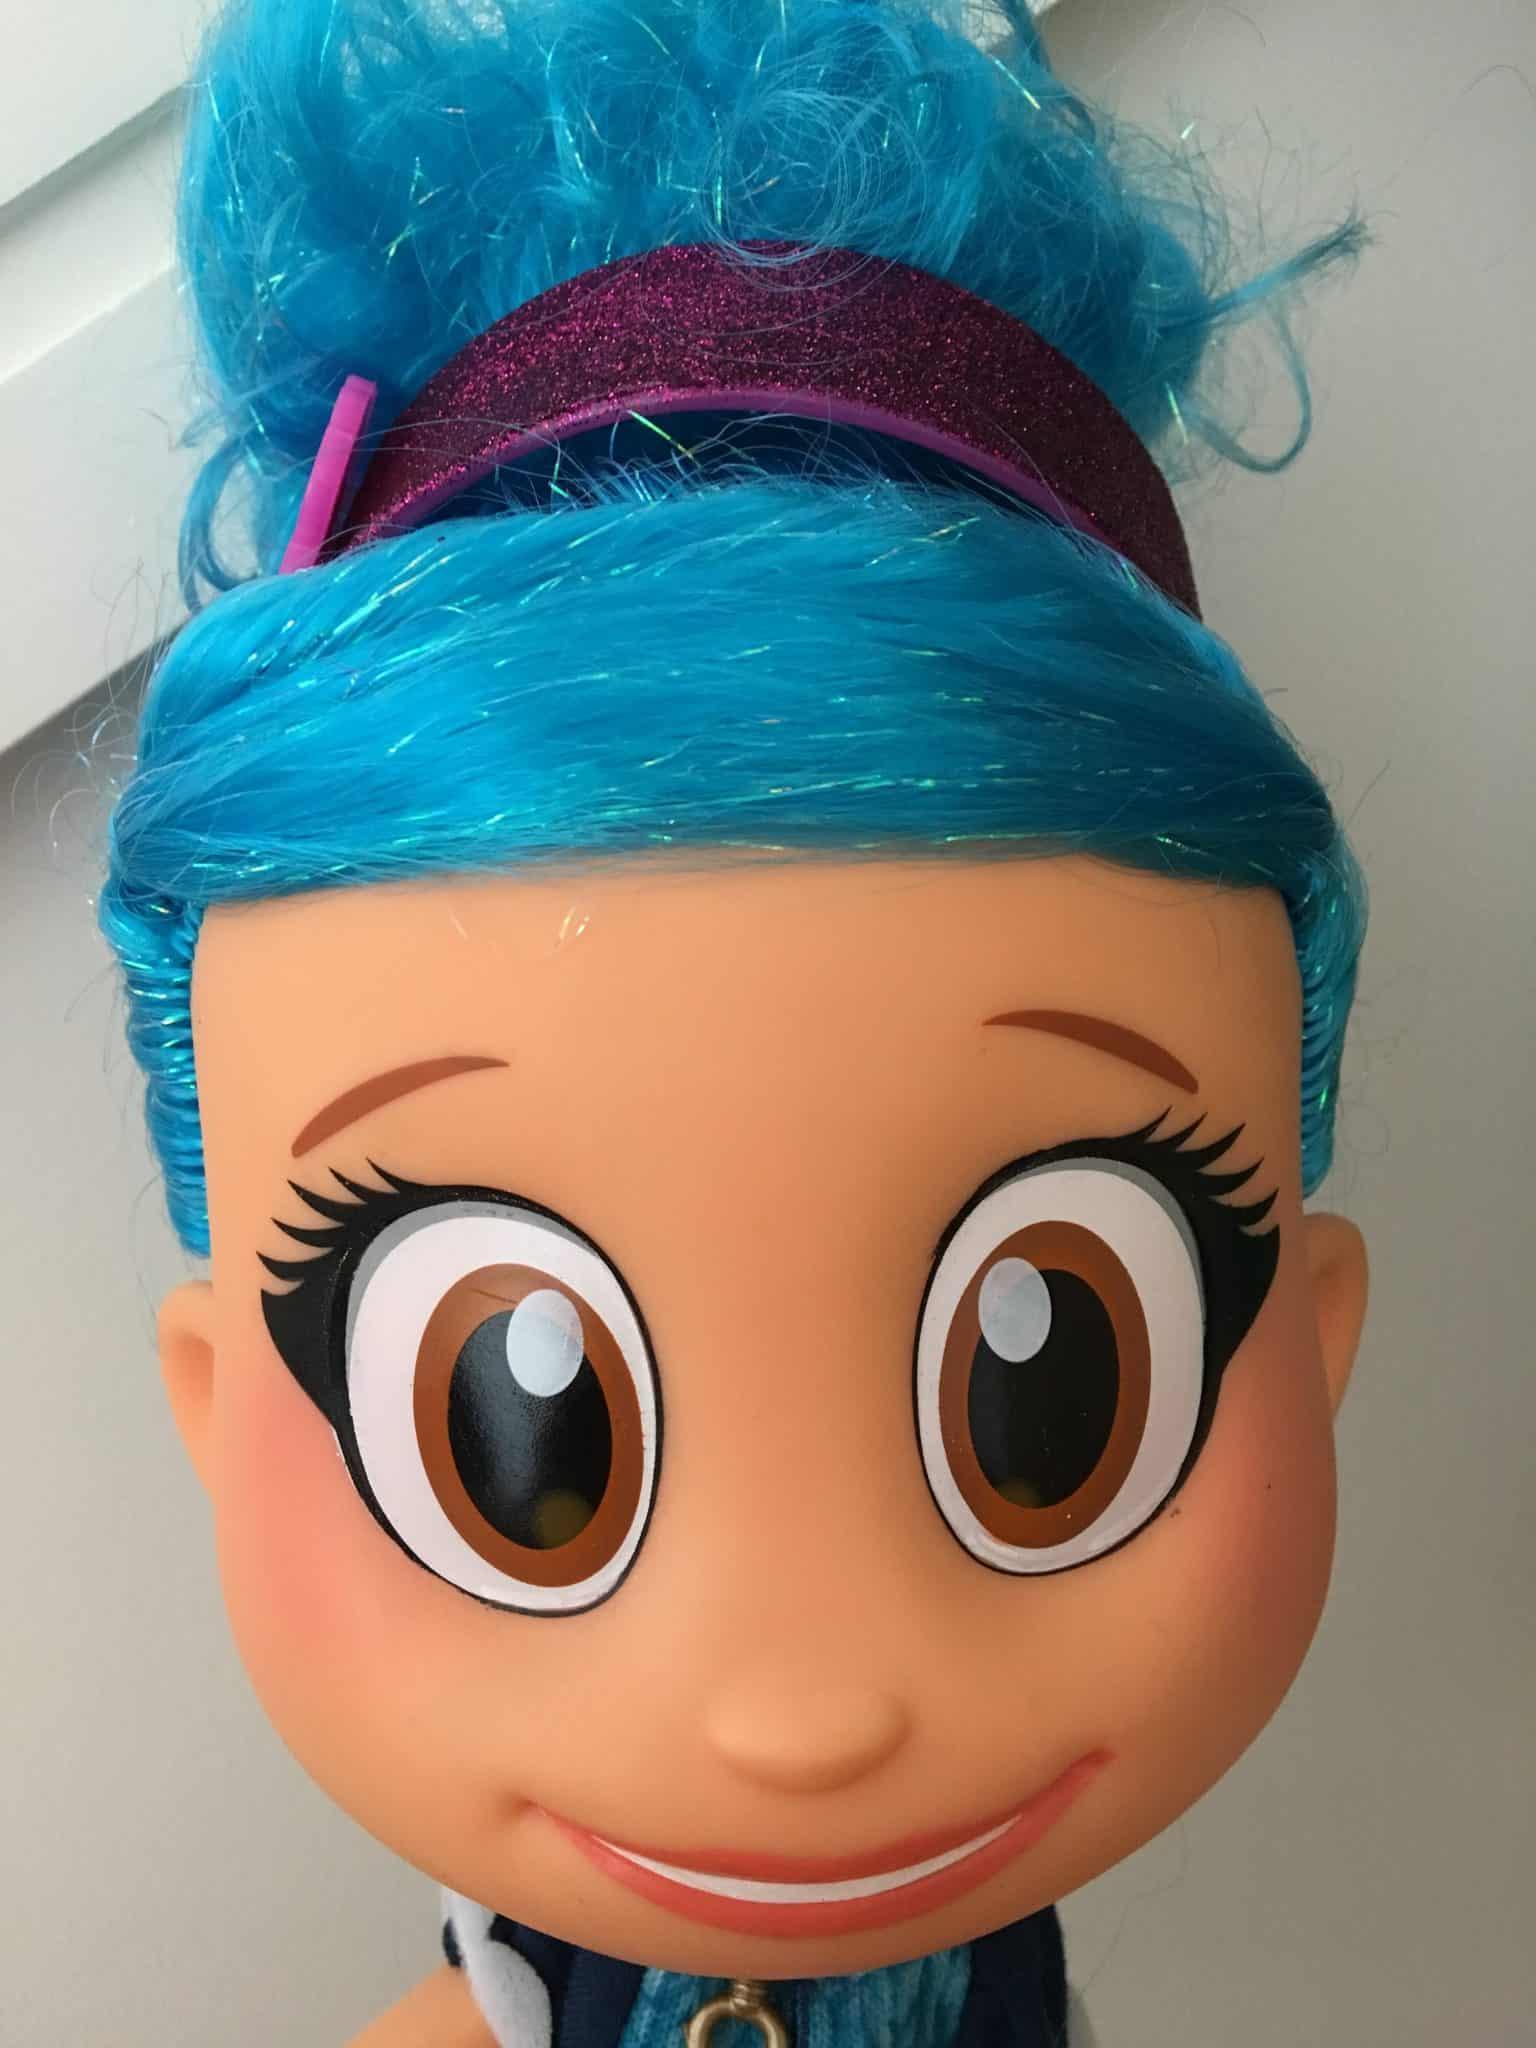 Luna Petunia Big eyes and blue hair